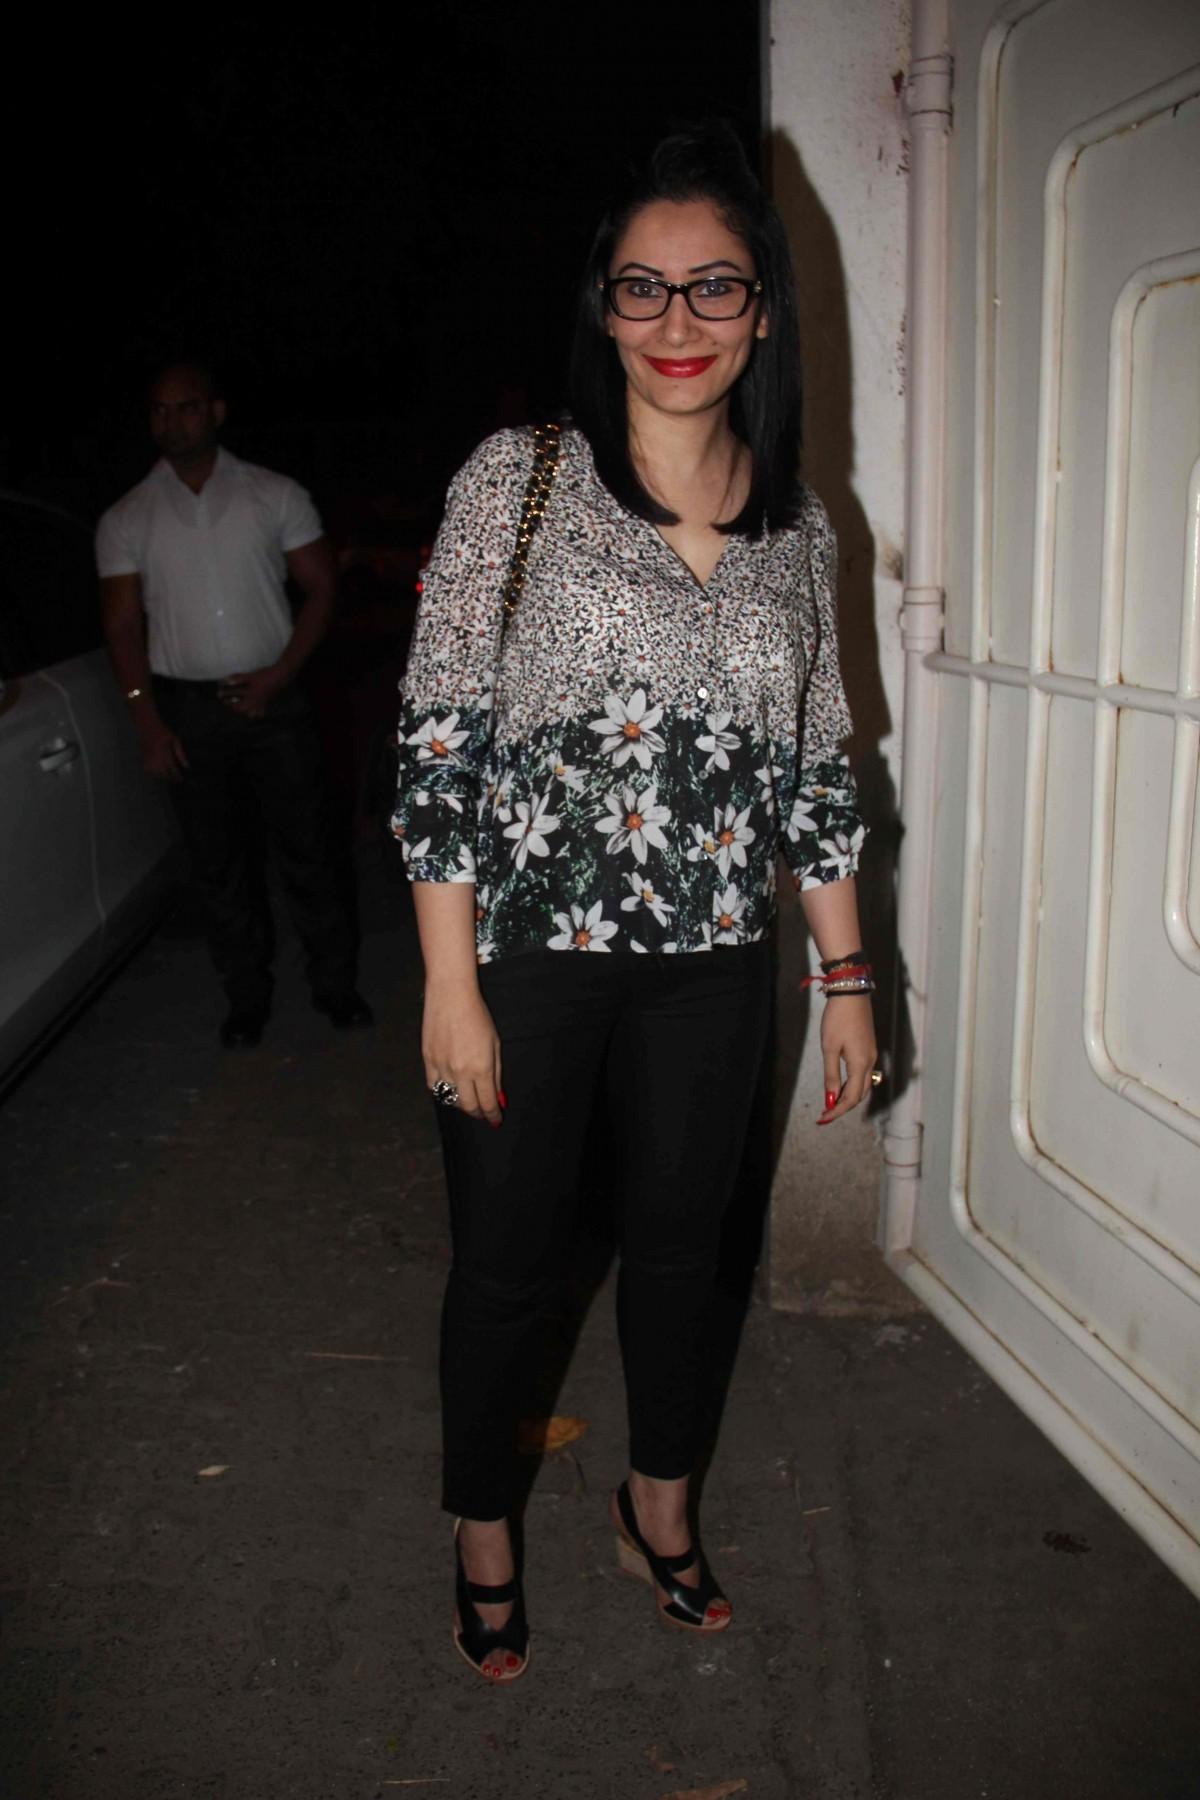 'Action Jackson': Sonakshi Sinha, Manyata Dutt attends Film's Special Screening at Sunny Super Sound